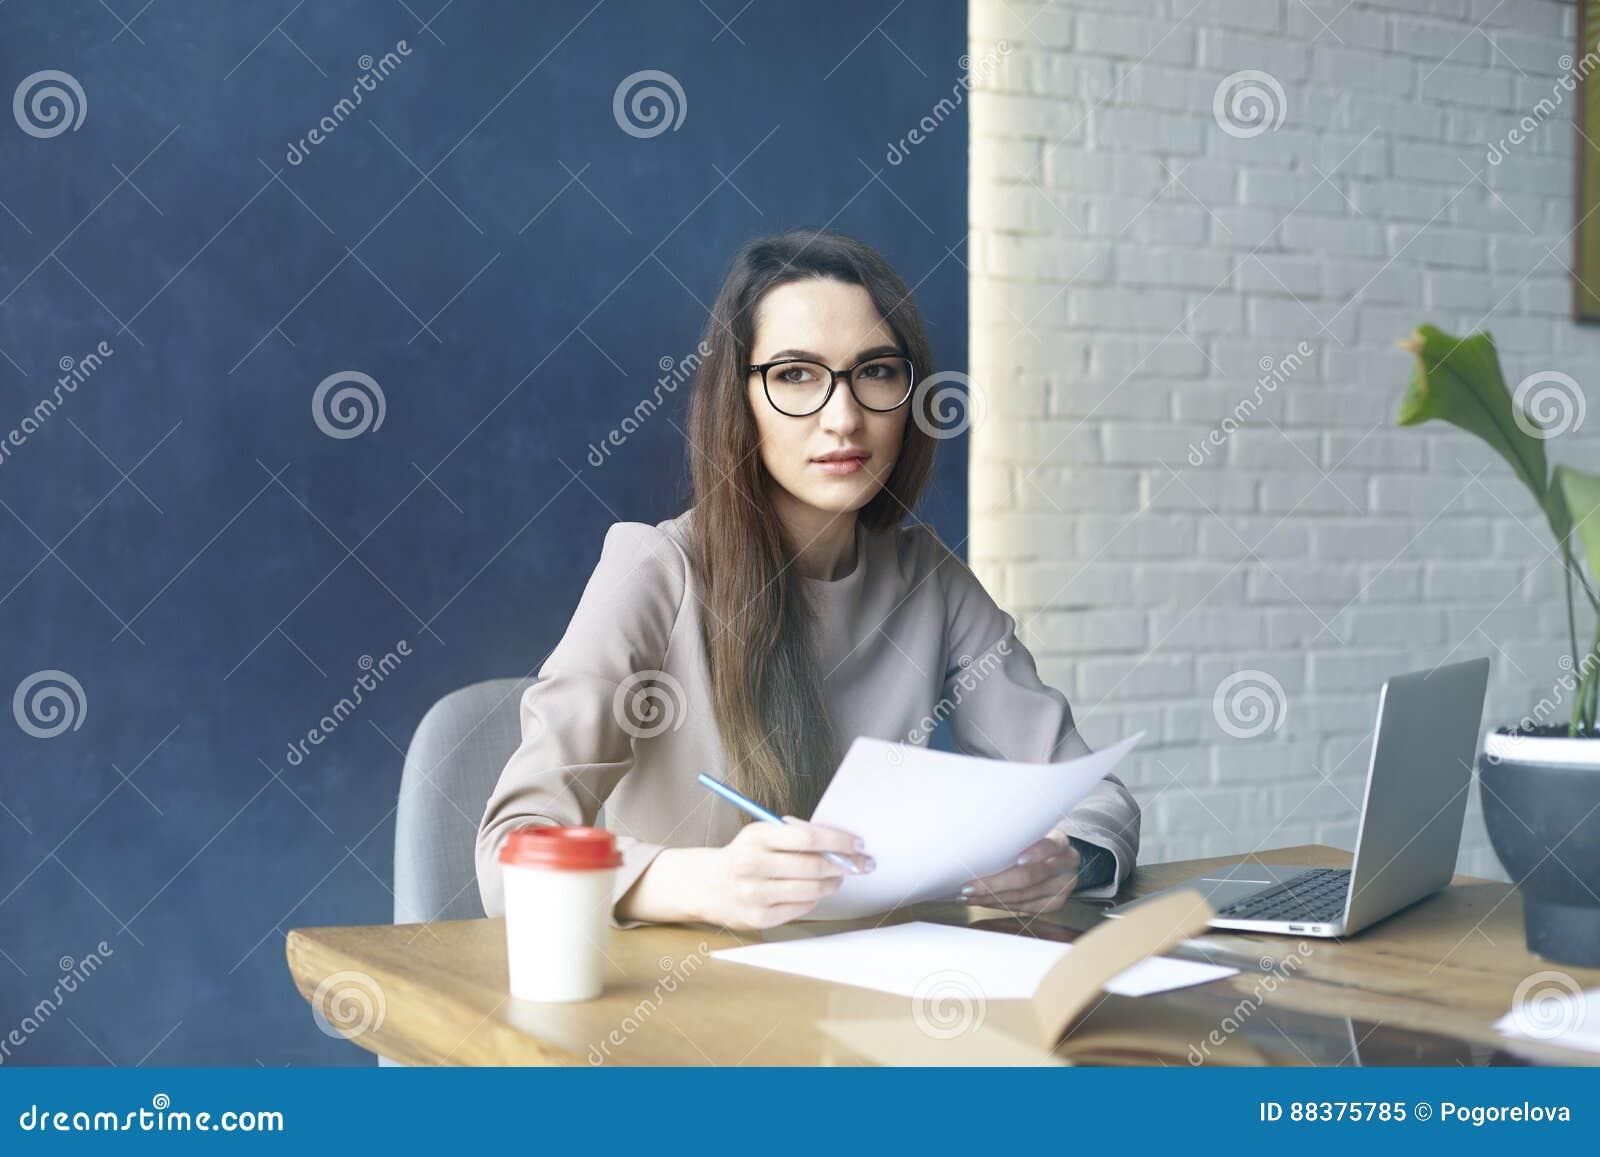 Belle femme d affaires avec de longs cheveux fonctionnant avec la documentation, feuille, ordinateur portable tout en se reposant